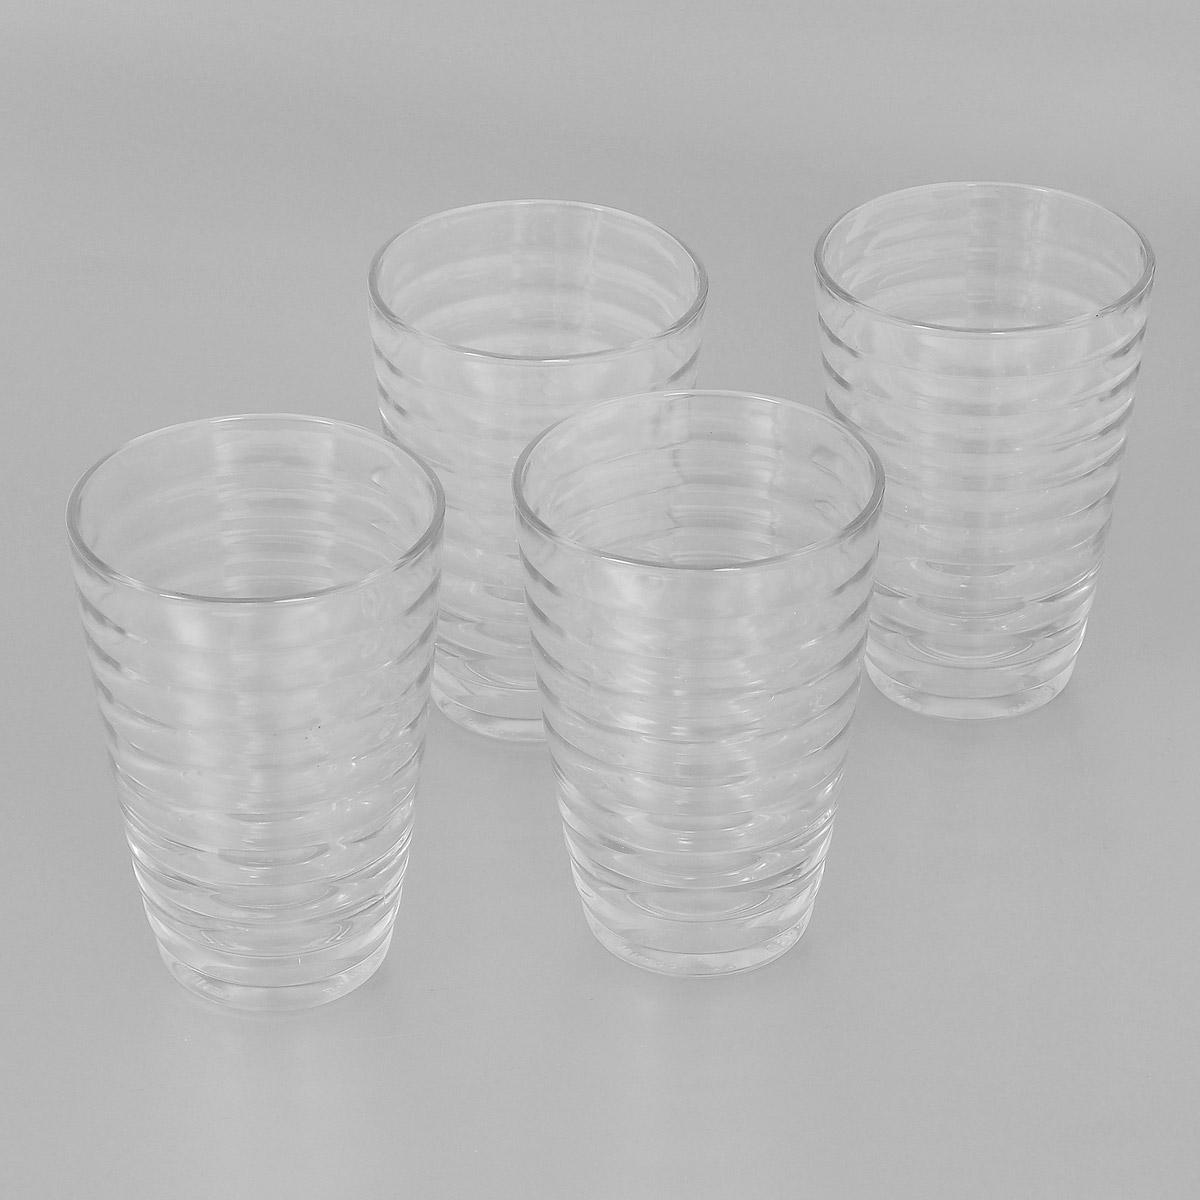 Набор стаканов Bormioli Rocco Viva, 340 мл, 4 шт335169Набор Bormioli Rocco Viva, выполненный из стекла, состоит из 4 высоких стаканов. Стаканы предназначены для подачи холодных напитков. Изделия ударопрочные, выдерживают температуру от -20°С до 100°С, также можно использовать в посудомоечной машине и в микроволновой печи. С внешней стороны поверхность стаканов рельефная, что создает эффект игры света и преломления. Благодаря такому набору пить напитки будет еще вкуснее.Стаканы Bormioli Rocco Viva станут идеальным украшением праздничного стола и отличным подарком к любому празднику. С 1825 года компания Bormioli Rocco производит высококачественную посуду из стекла. На сегодняшний день это мировой лидер на рынке производства стеклянных изделий. Ассортимент, предлагаемый Bormioli Rocco необычайно широк - это бокалы, фужеры, рюмки, графины, кувшины, банки для сыпучих продуктов и консервирования, тарелки, салатники, чашки, контейнеры различных емкостей, предназначенные для хранения продуктов в холодильниках и морозильных камерах и т.д. Стекло сочетает в себе передовые технологии и традиционно высокое качество.